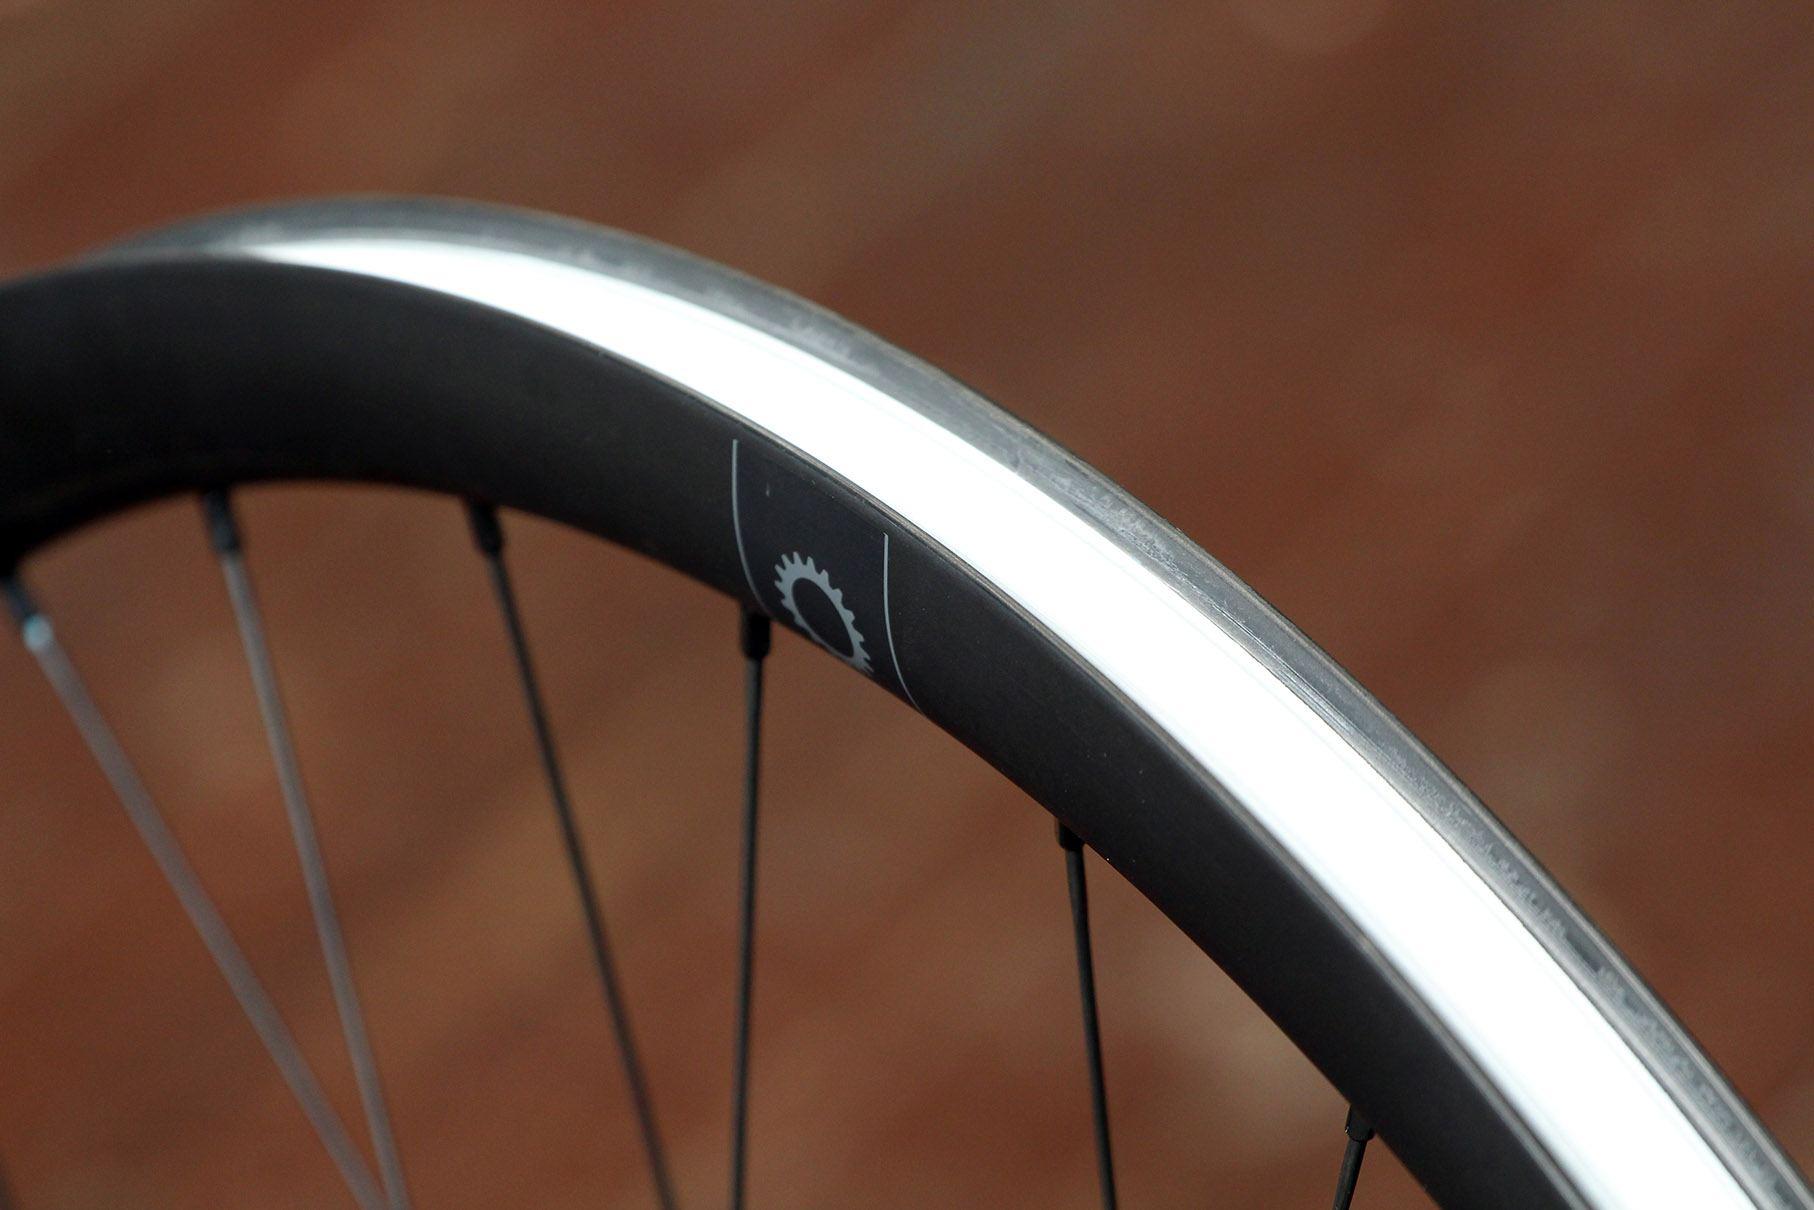 8 Praxis Works Rc21 Wheels 154999 Tough Carbon Fibre Jr Foldable Travel Bag Wide 21 Wheelset Rim Bed